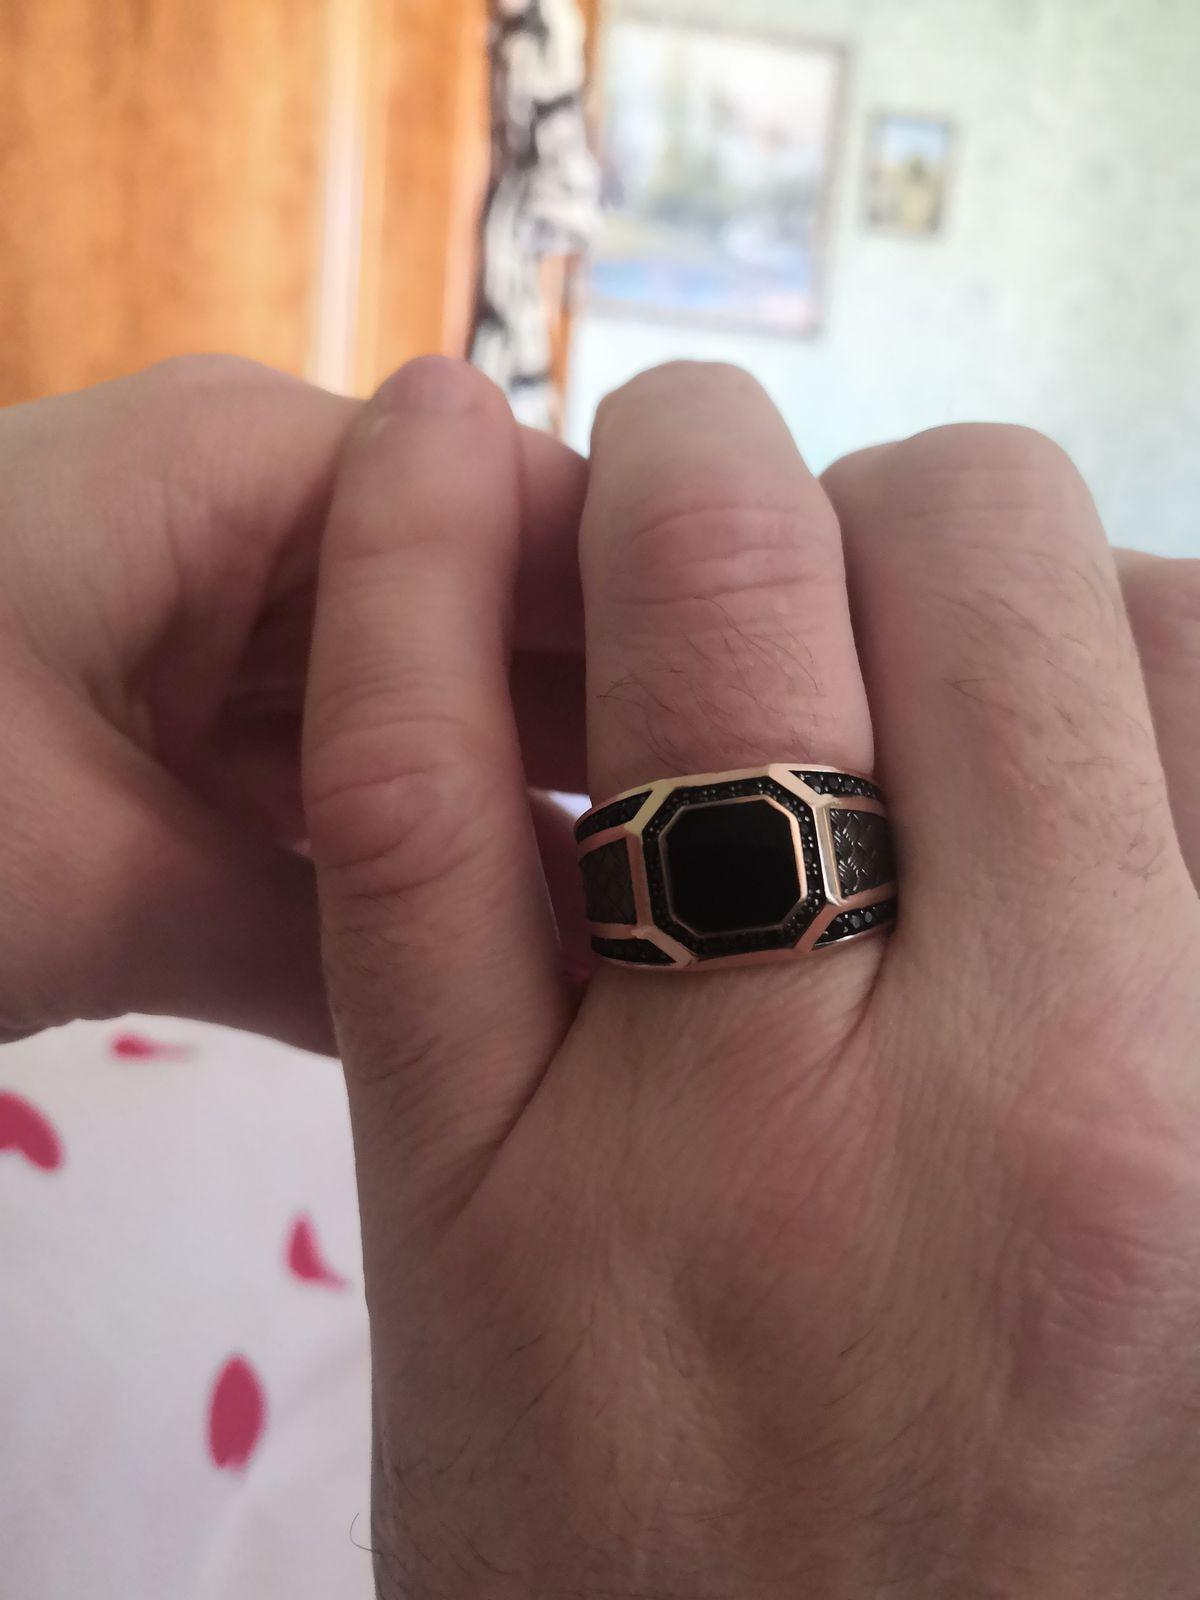 Не выдали коробочку для кольца за которую в чеке взяли деньги